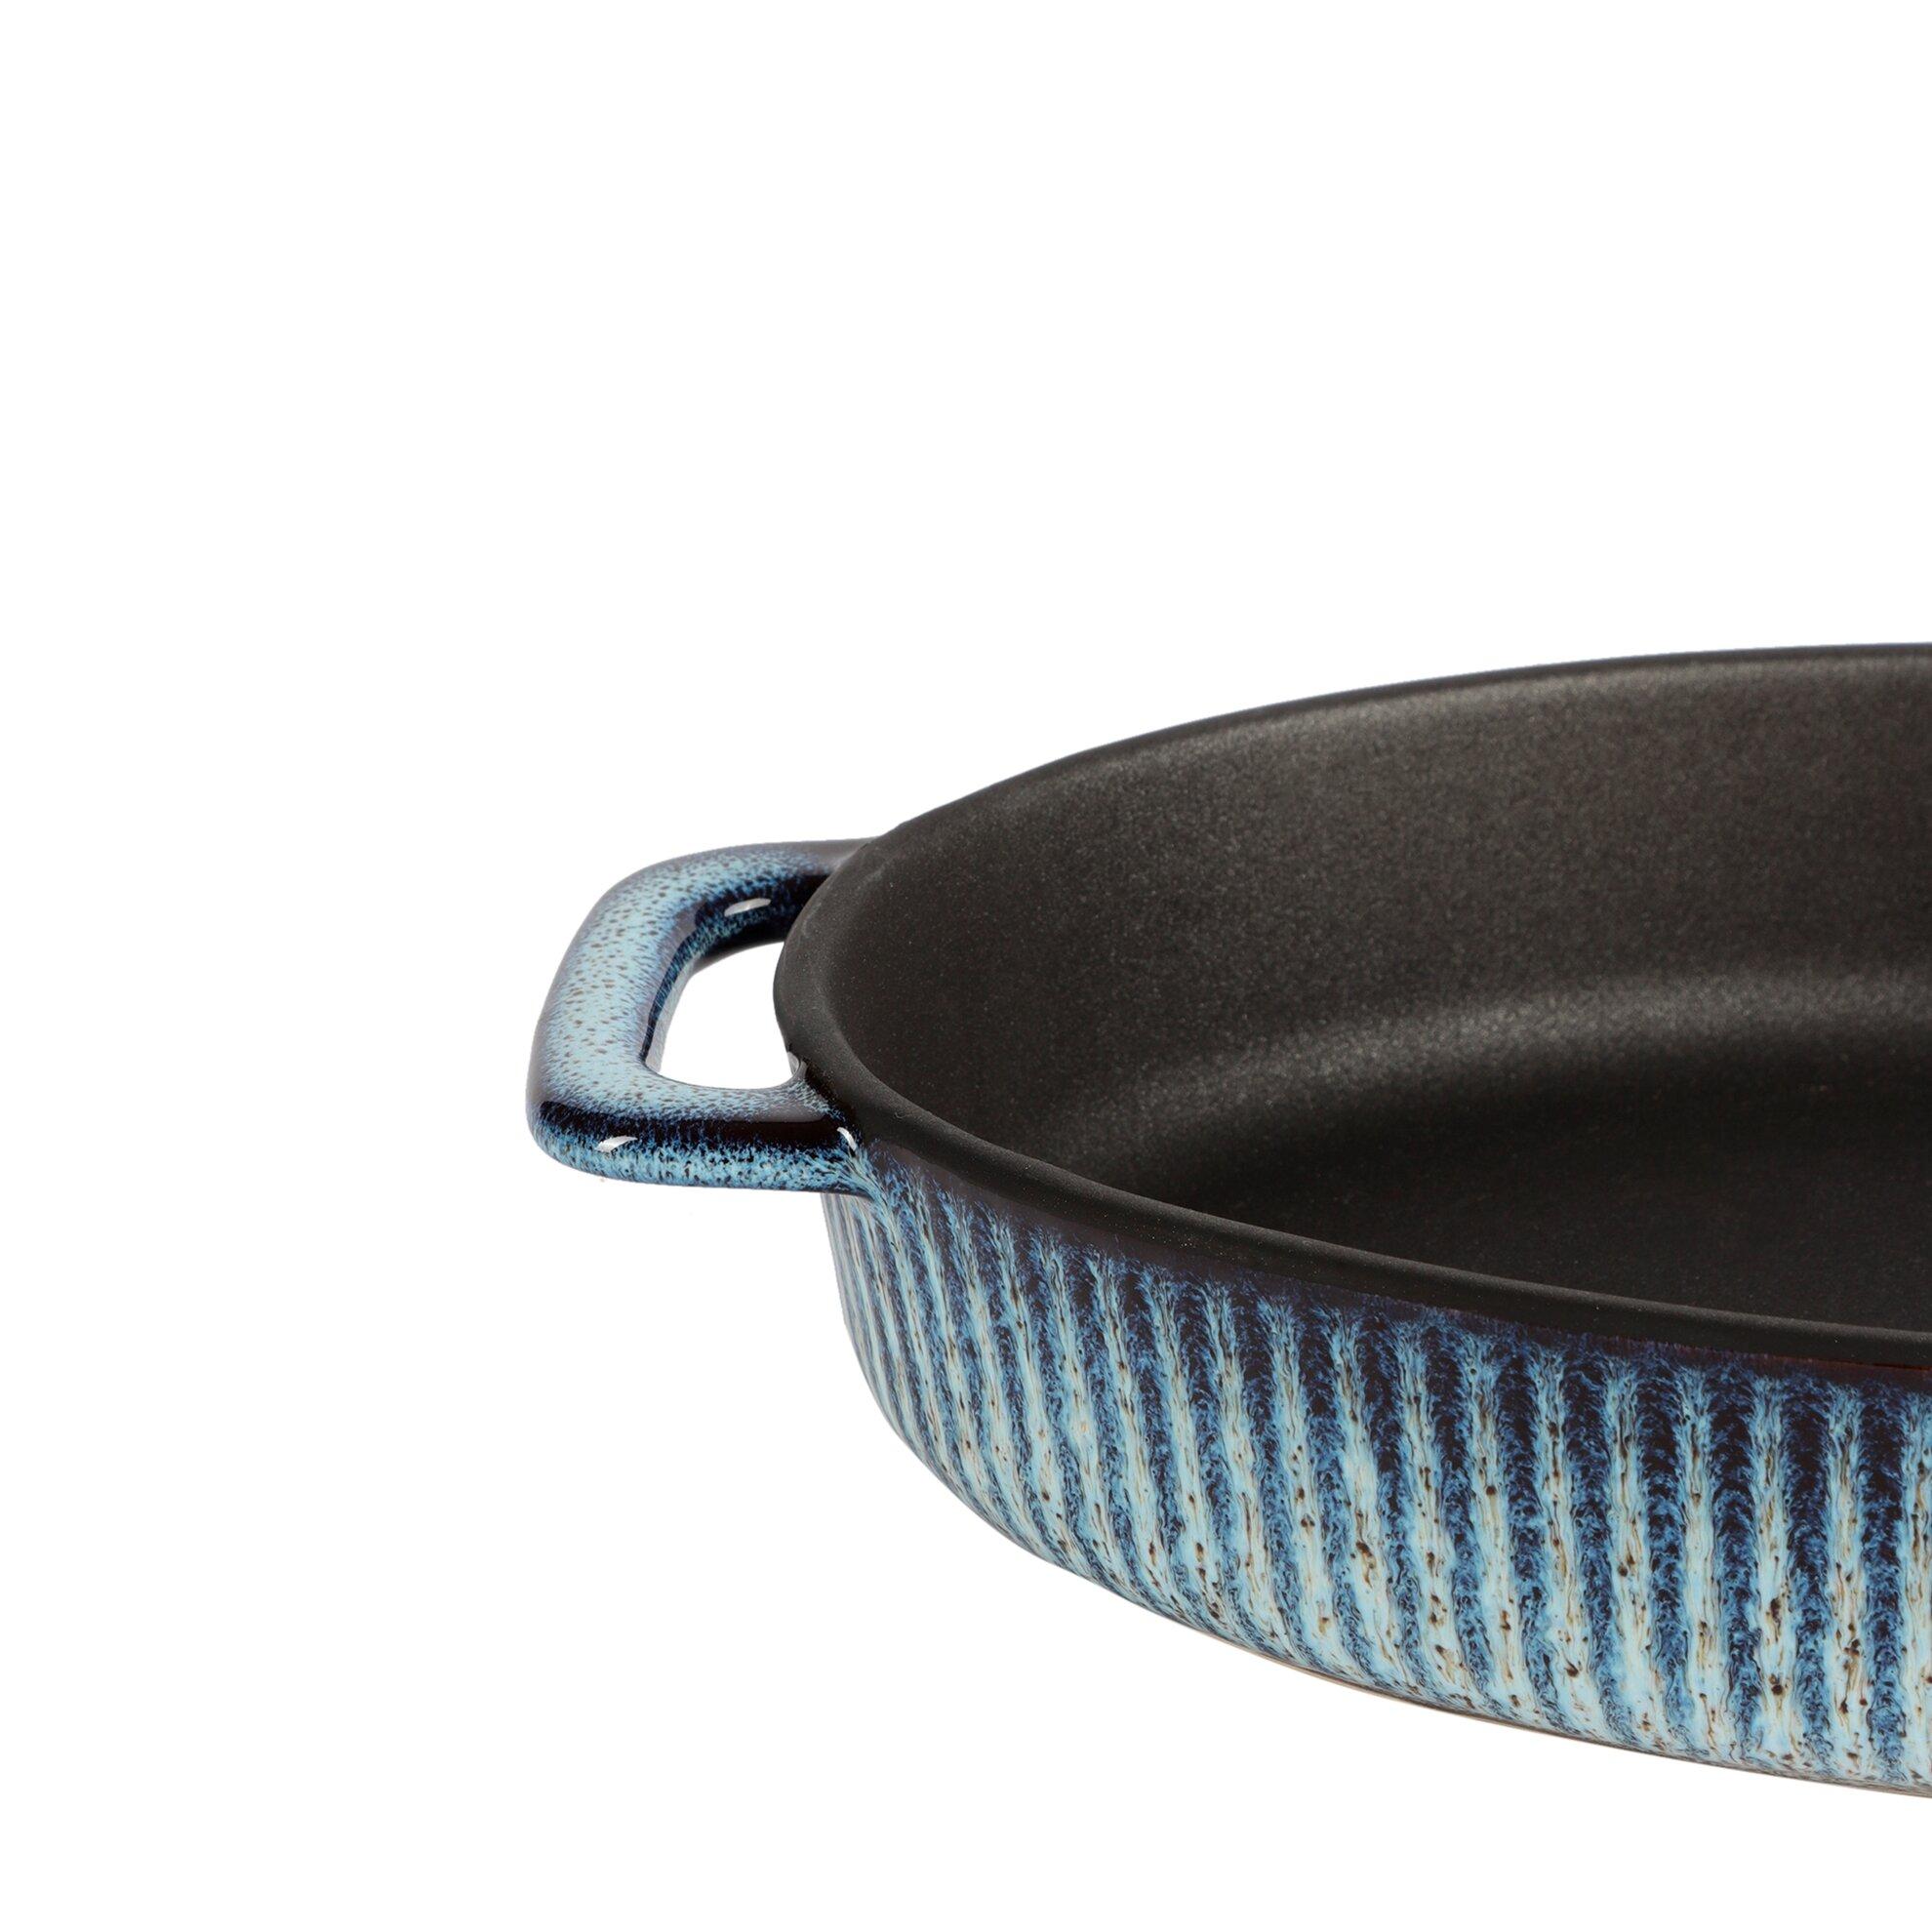 Fırın Kabı (21,5x33,5x5,5cm)